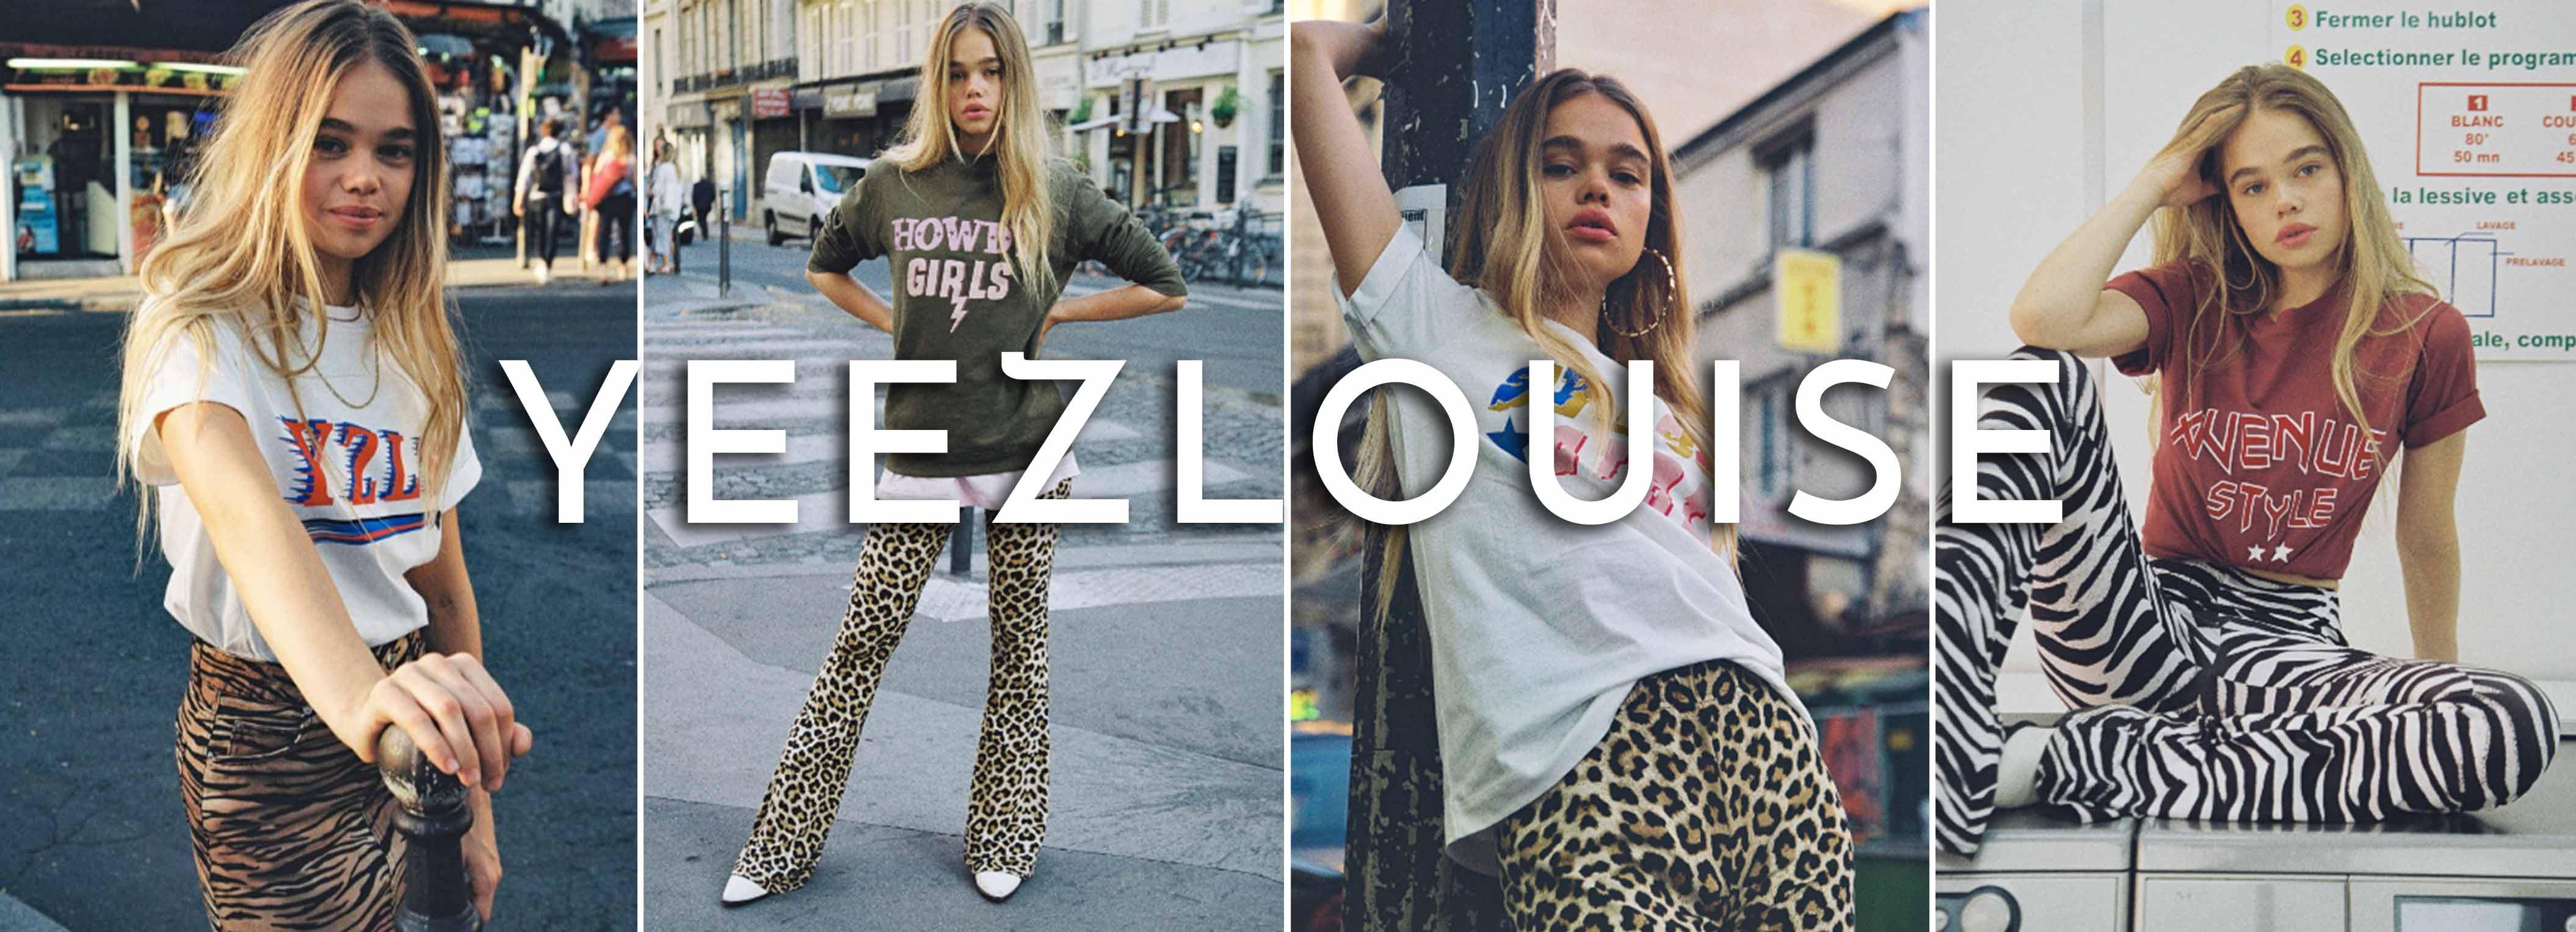 Yeez Louise